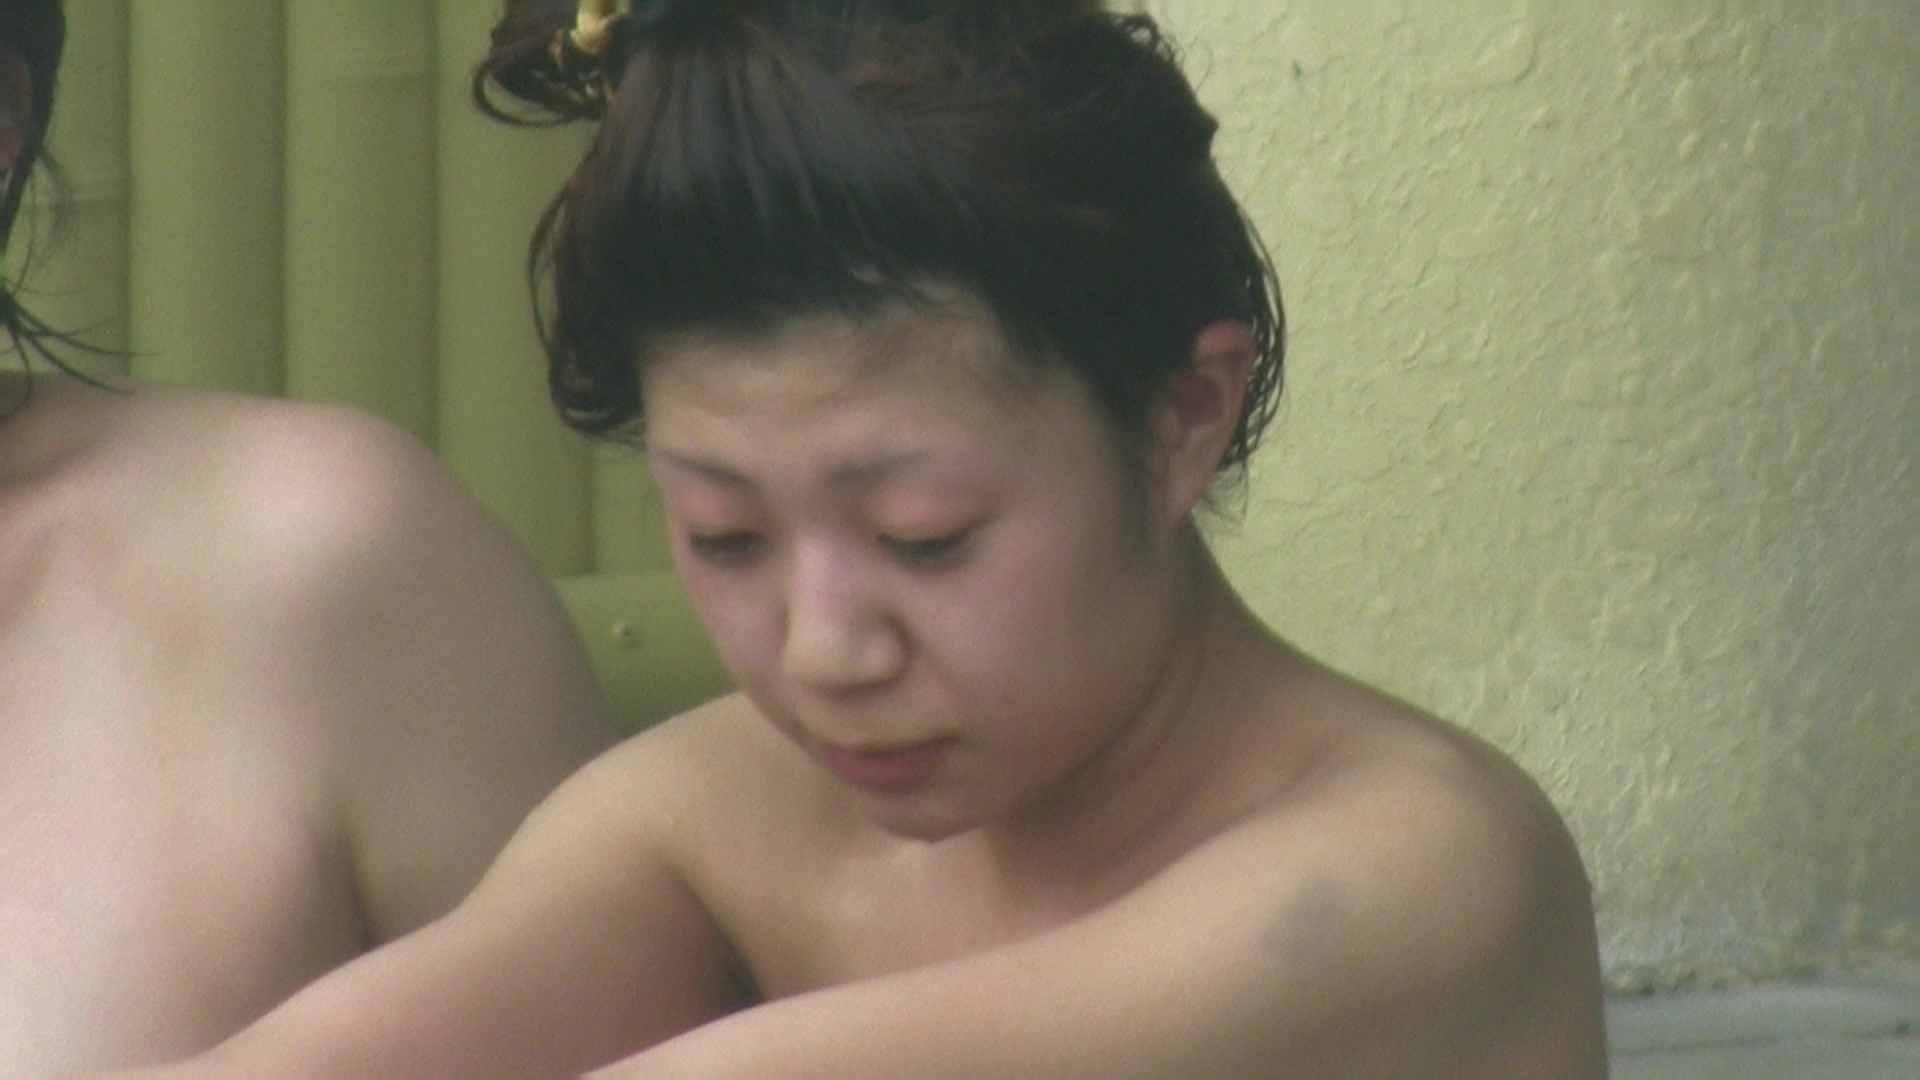 高画質露天女風呂観察 vol.044 入浴隠し撮り ヌード画像 91pic 46